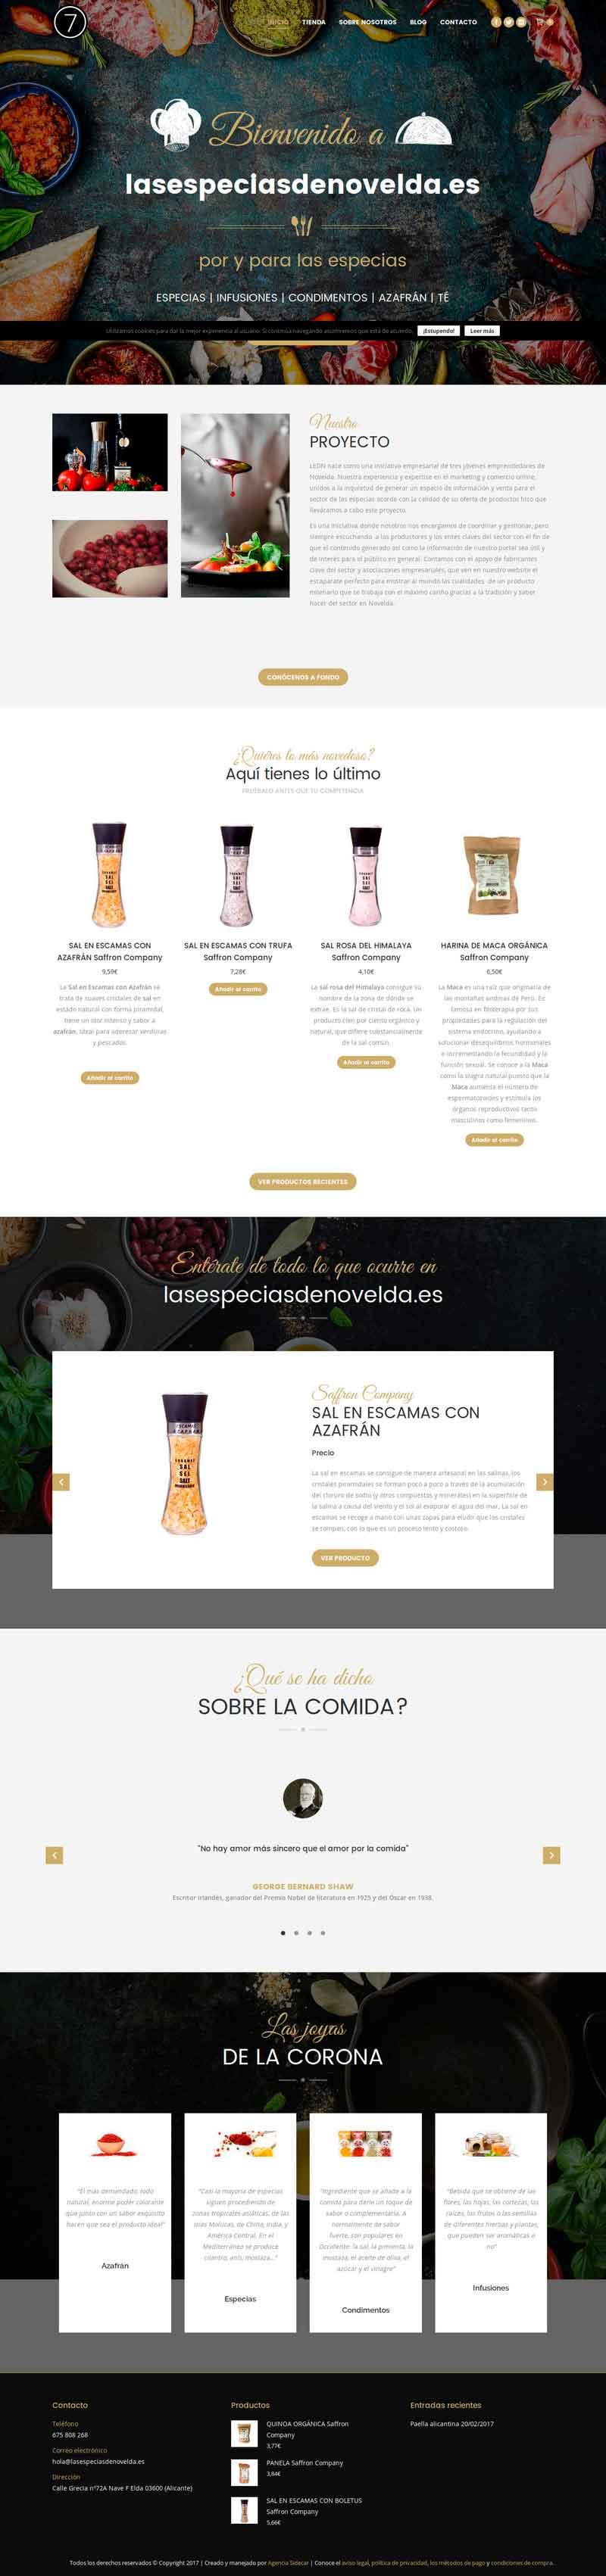 Agencia Sidecar agencia-sidecar-portfolio-lasespeciasdenovelda-1 lasespeciasdenovelda.es